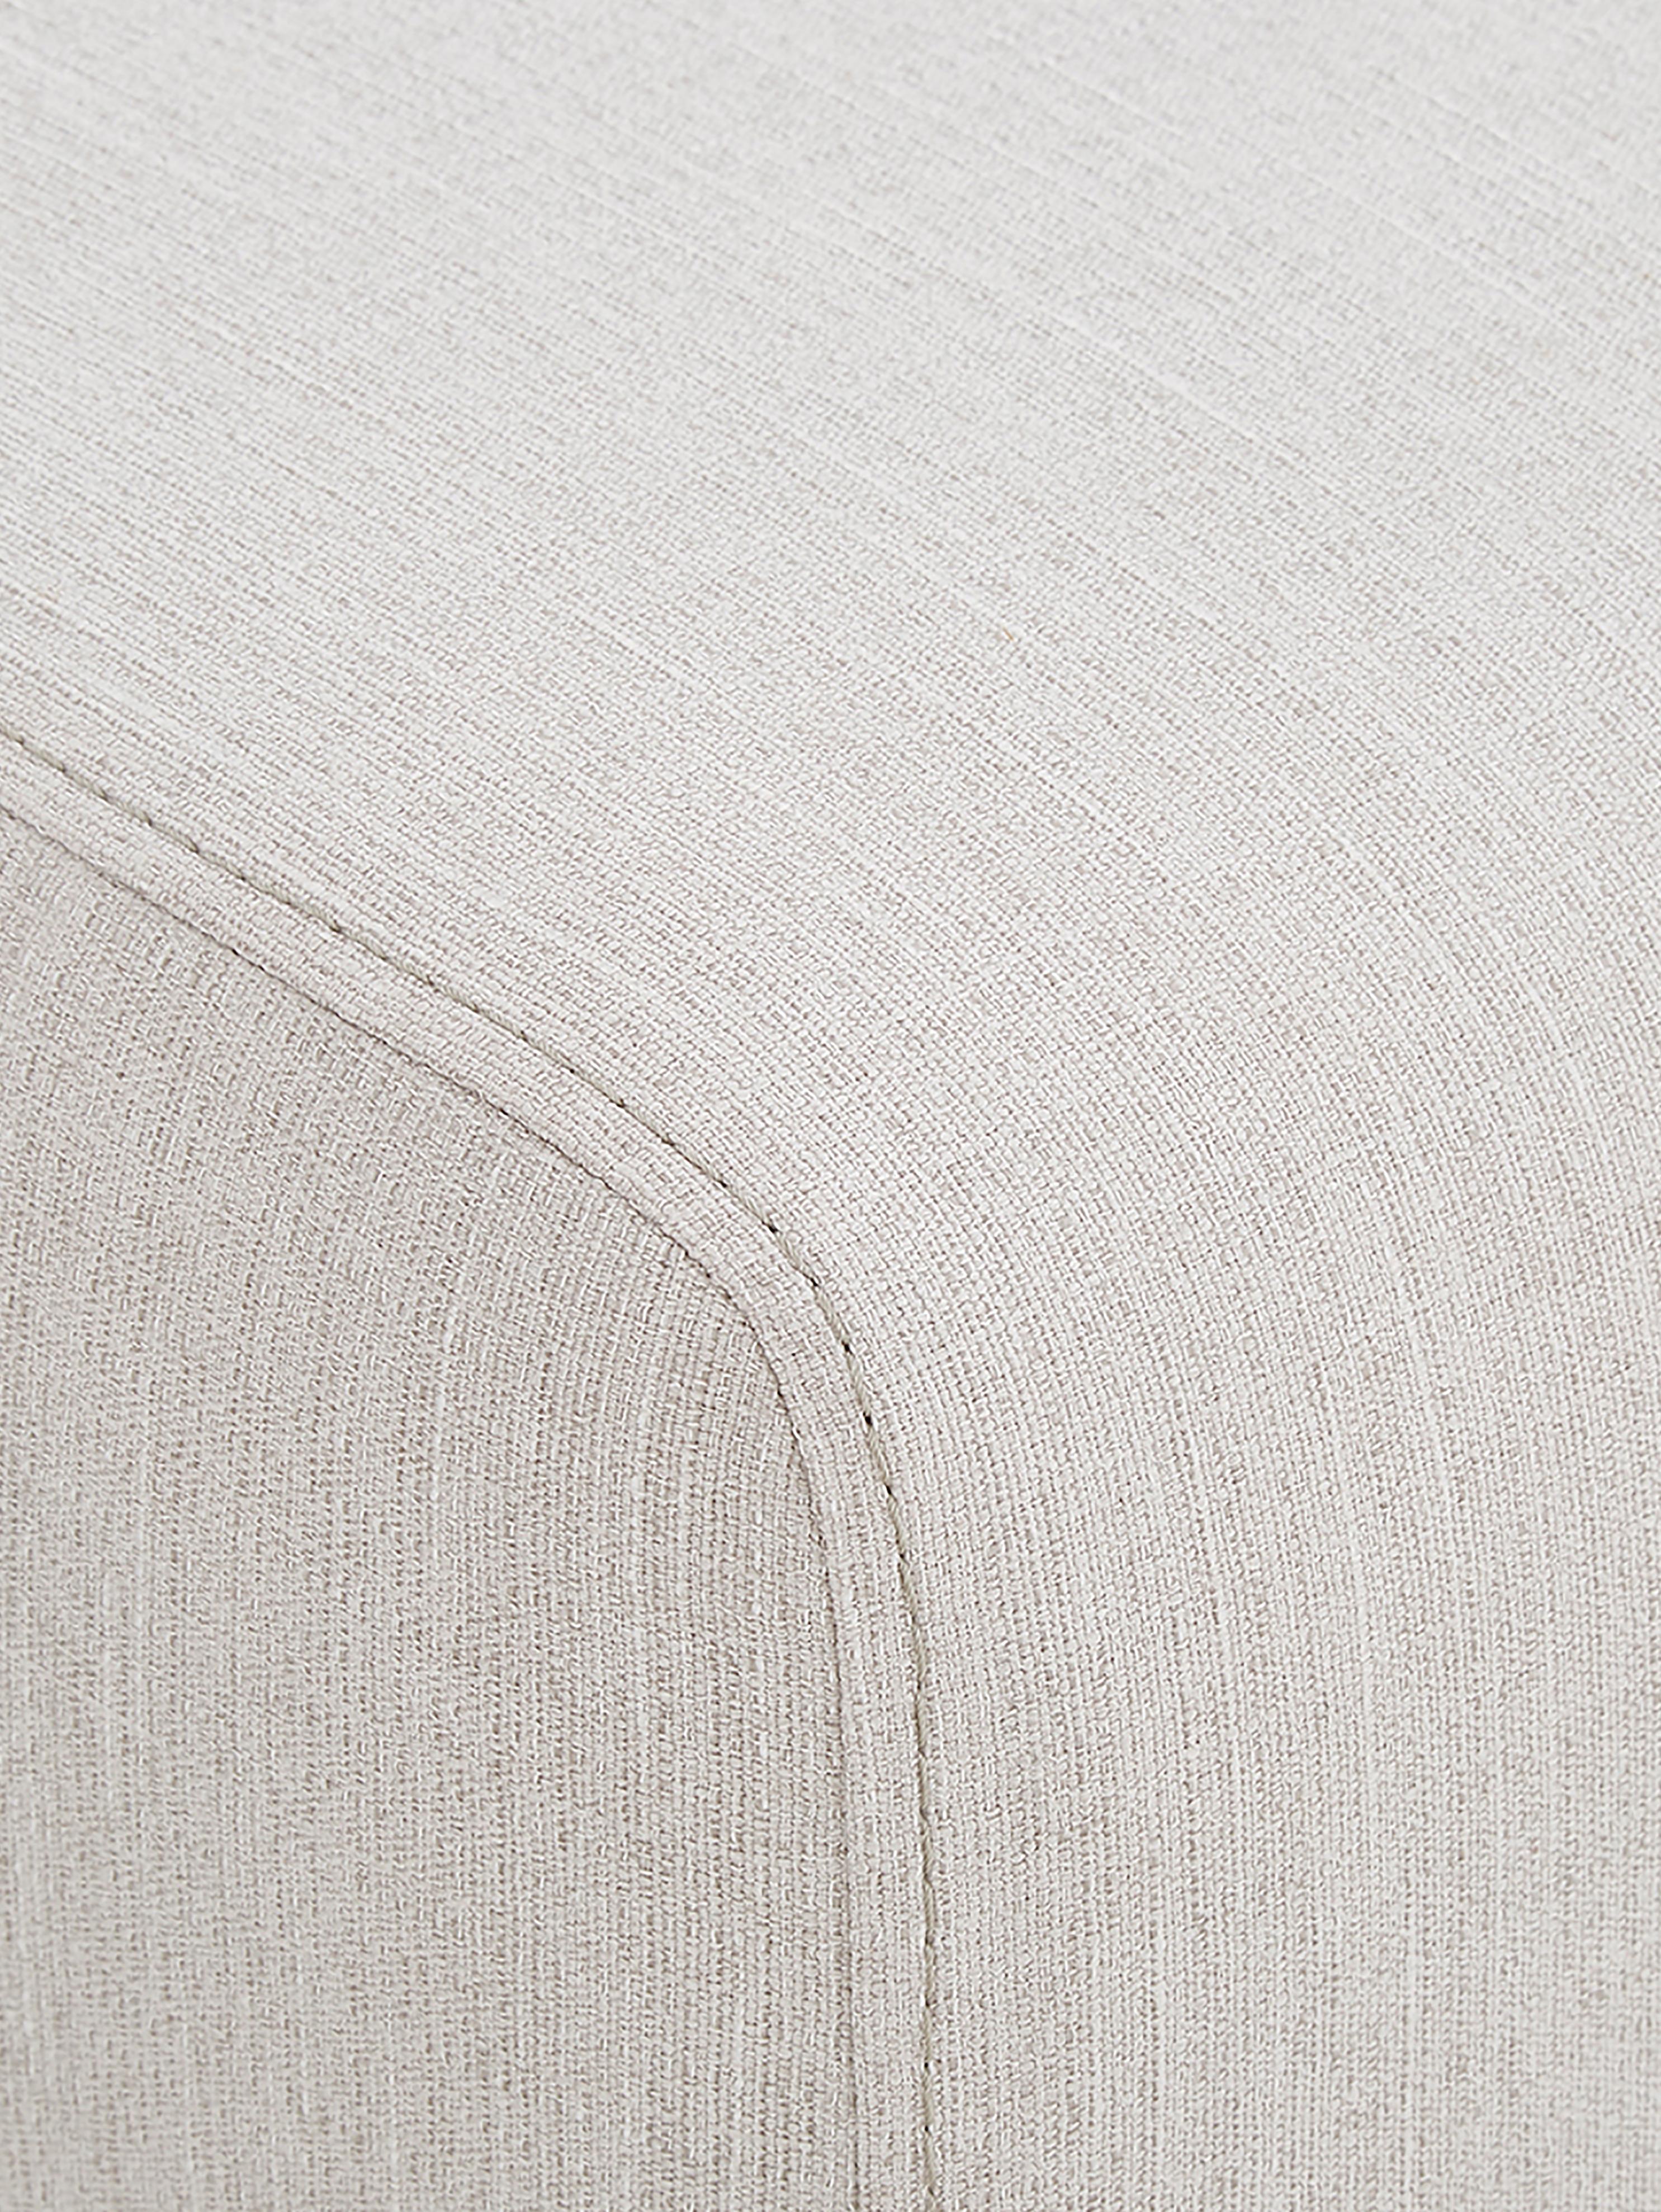 Divano 2 posti in tessuto beige Carrie, Rivestimento: poliestere 50.000 cicli d, Struttura: trucciolato, faesite, com, Piedini: metallo verniciato, Tessuto beige, Larg. 176 x Prof. 86 cm